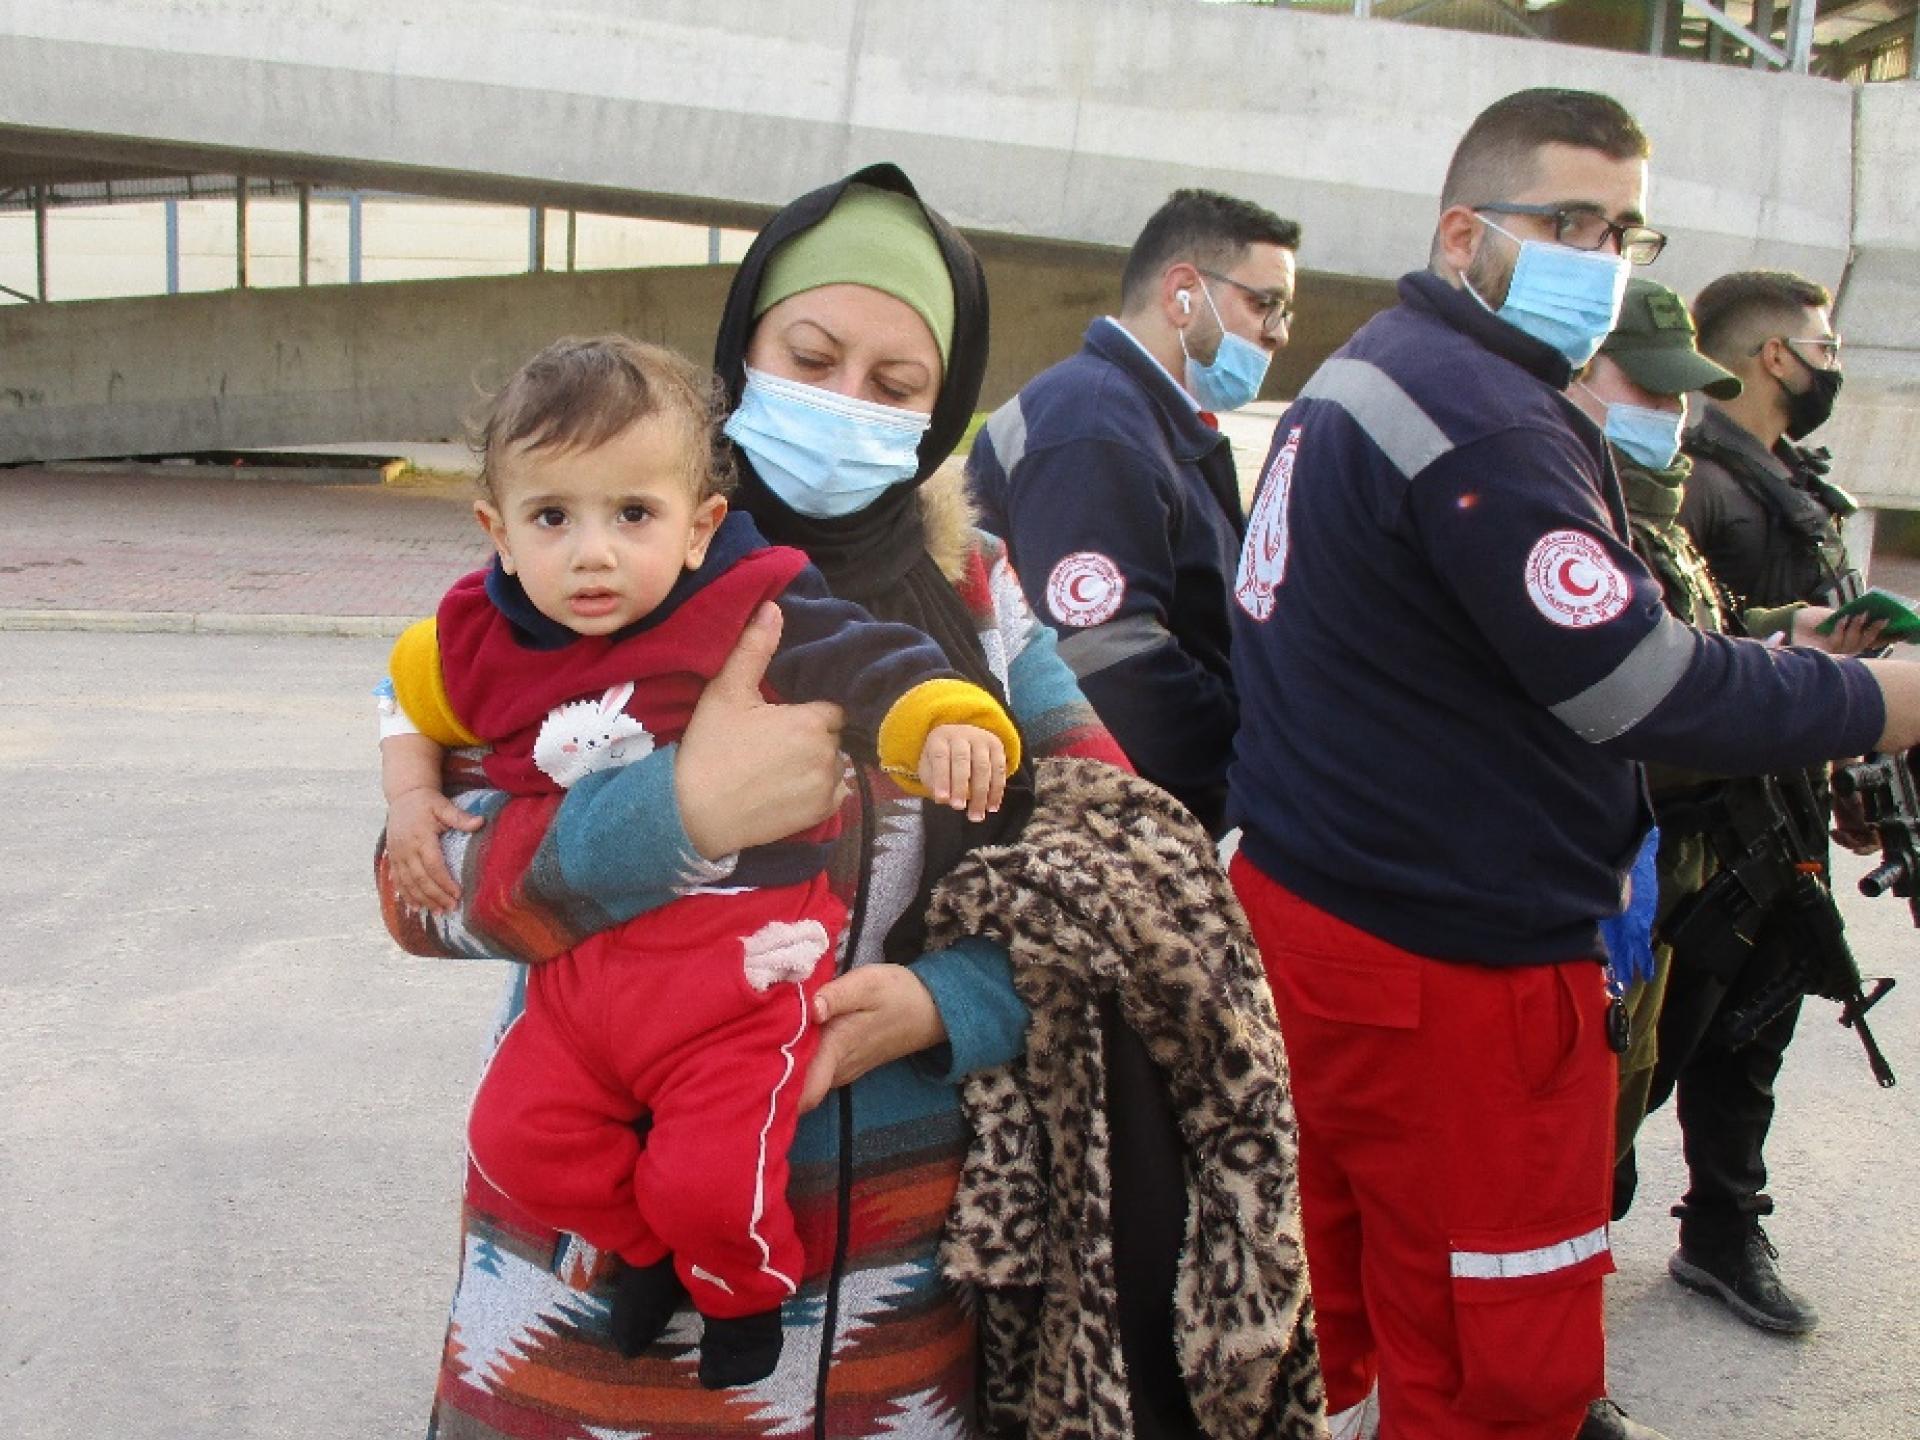 פוראת, תינוק בן 11 חודש, חולה בסרטן עטוף בידיה של אמו